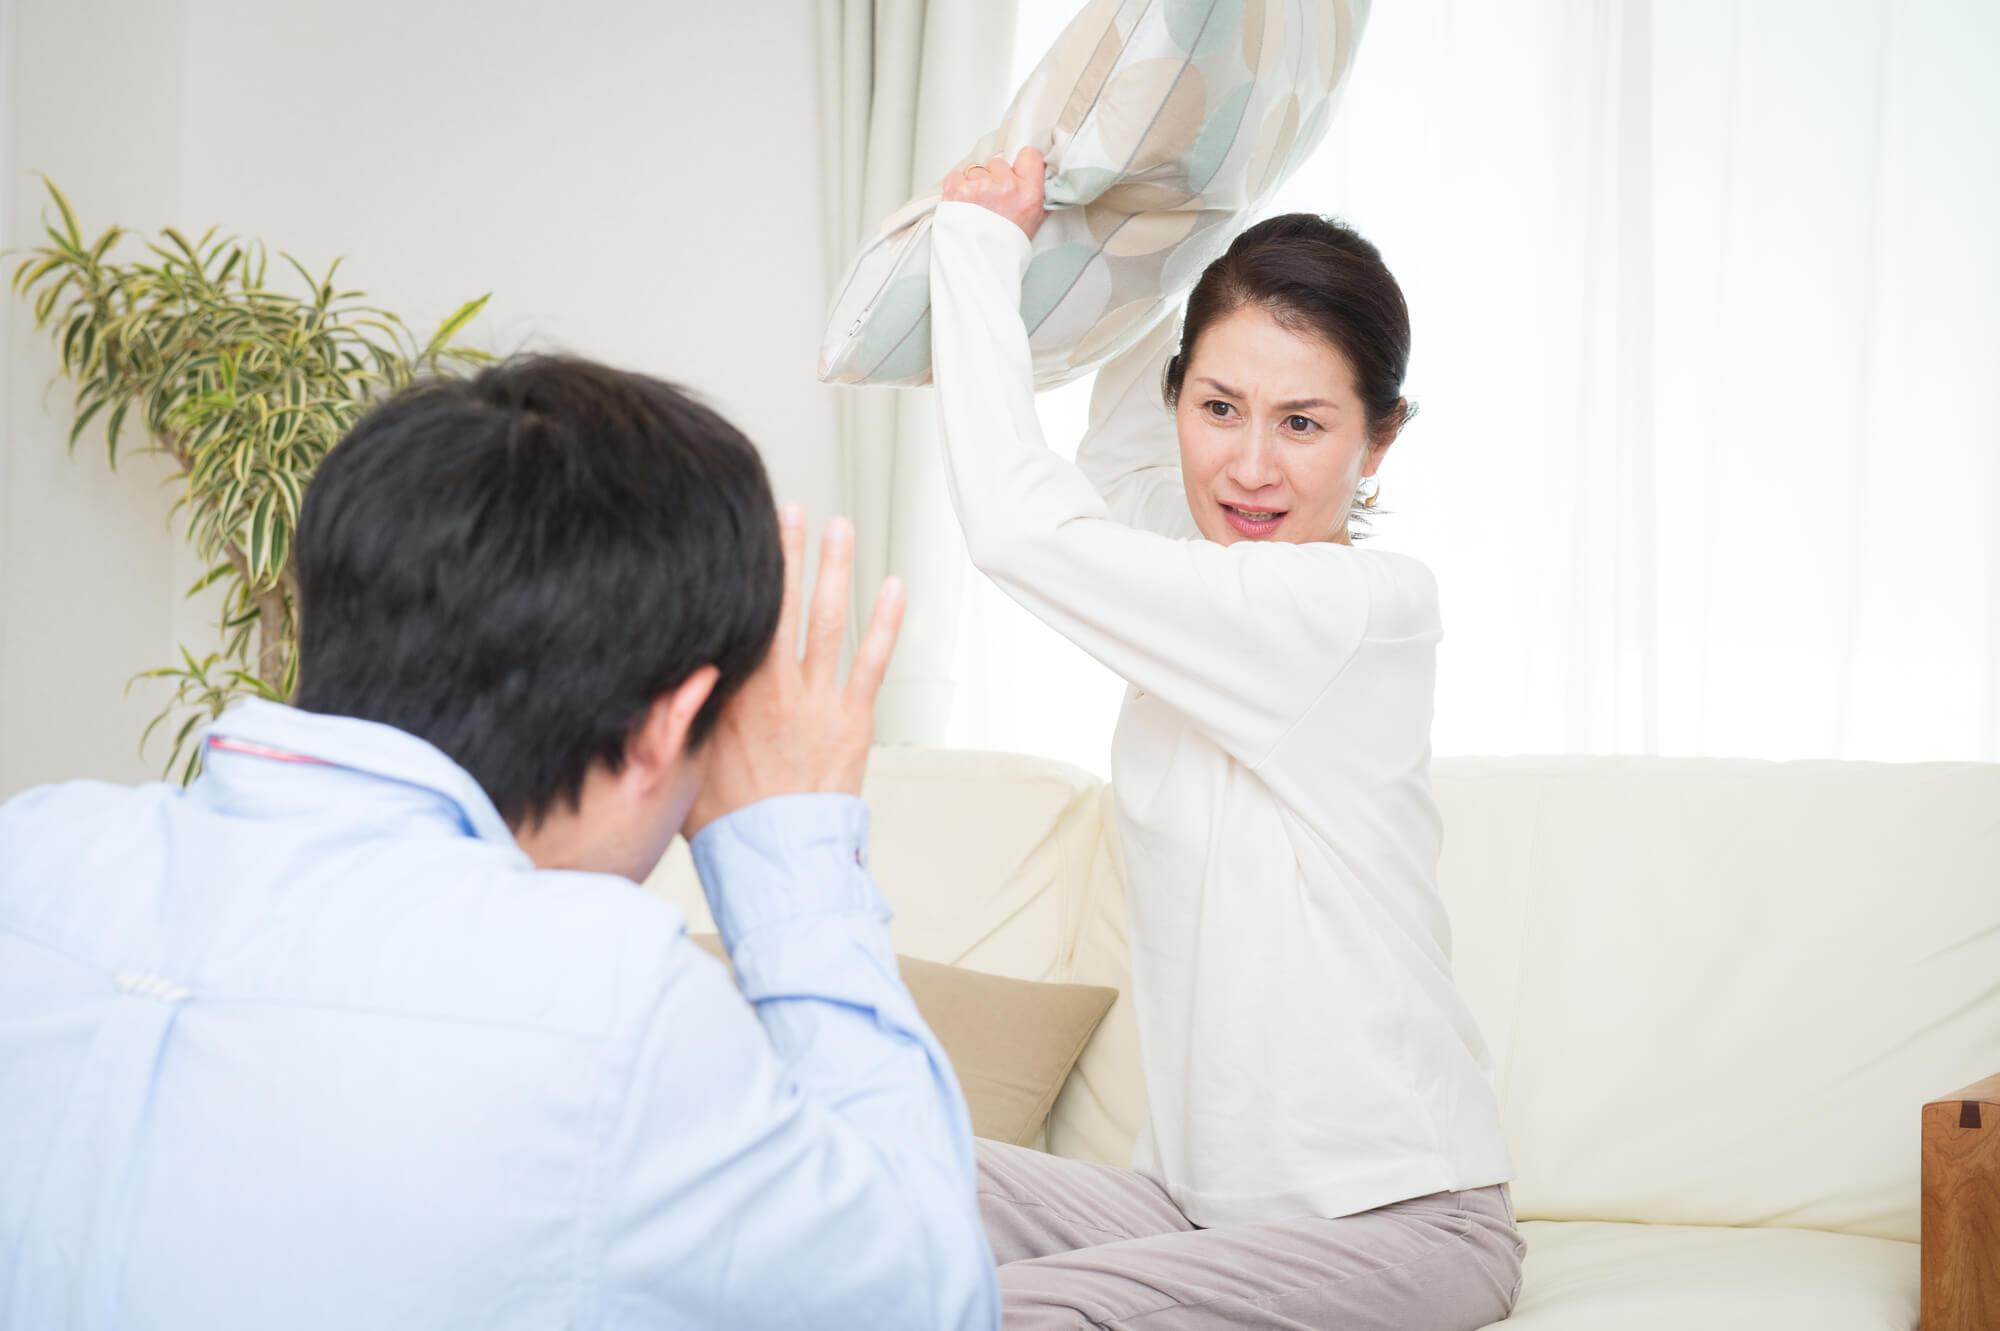 夫が盗撮で警察に逮捕され、ショックのあまり冷静でいられない妻